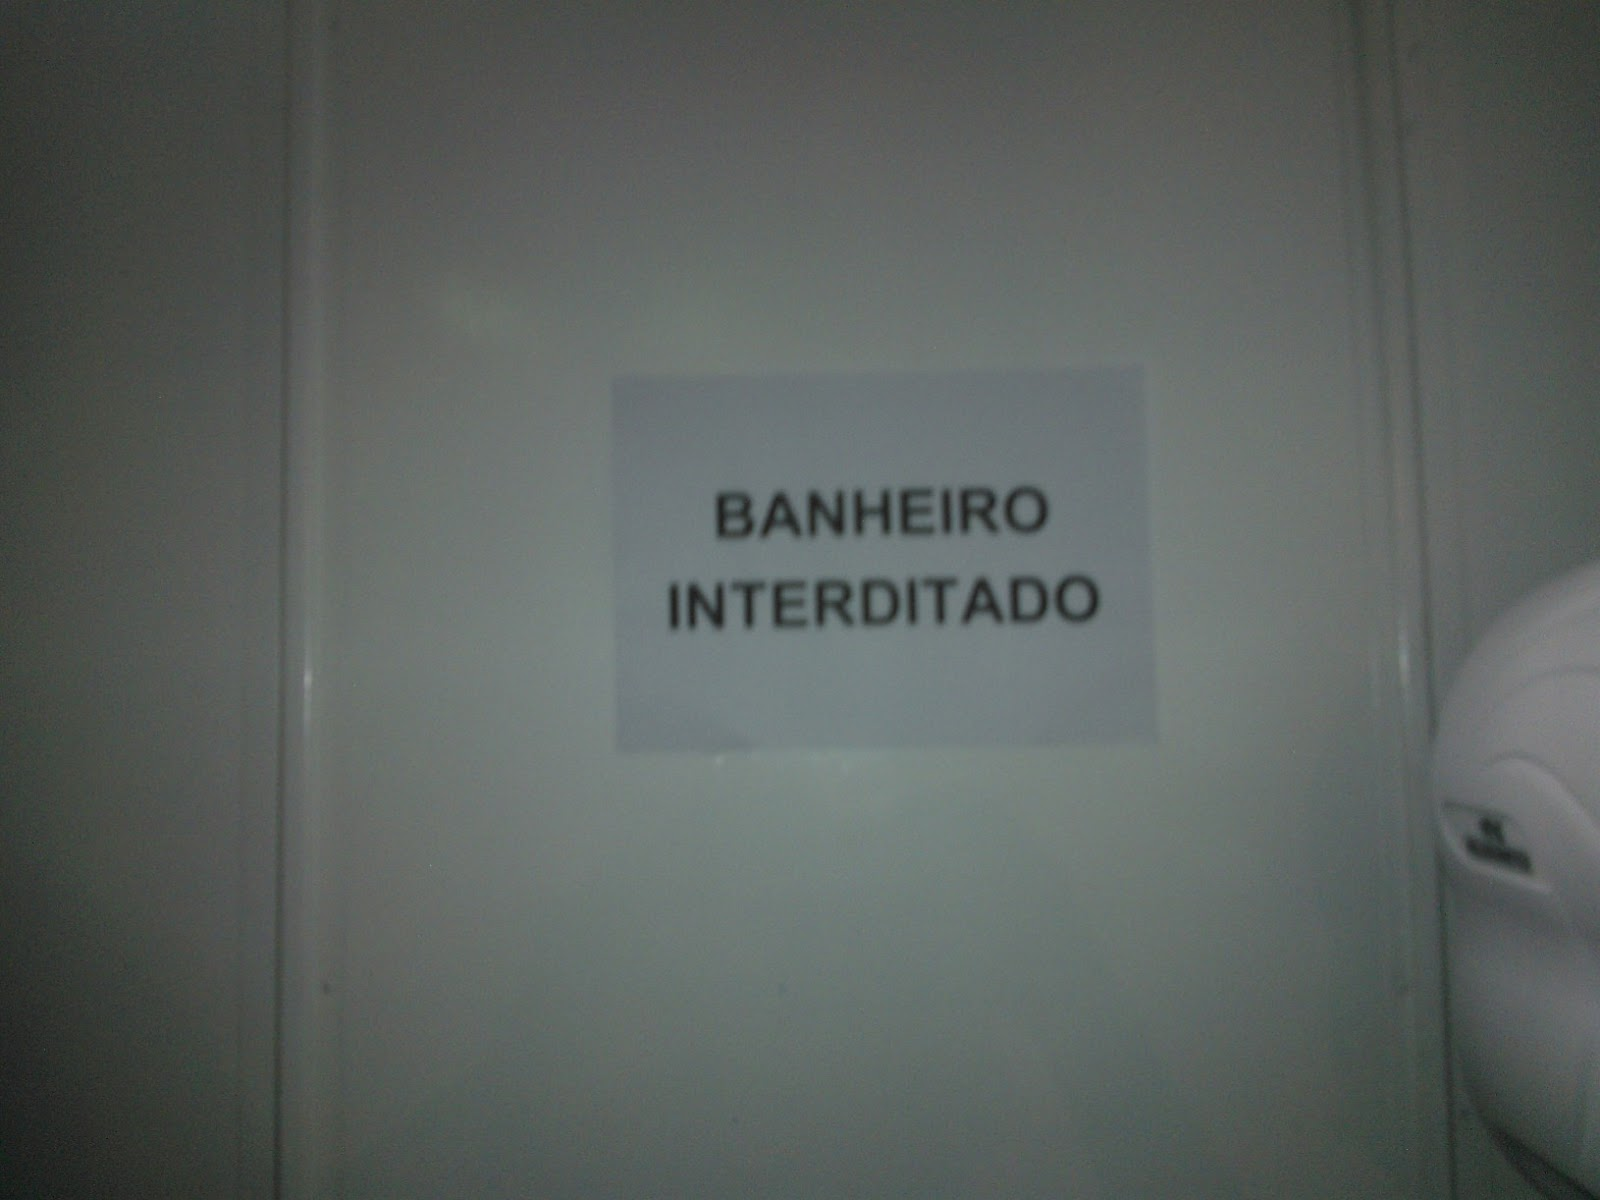 Mostra dos banheirosinterditados. A cada 15 5 estavam interditados  #525B58 1600x1200 Banheiro Acessivel Tamanho